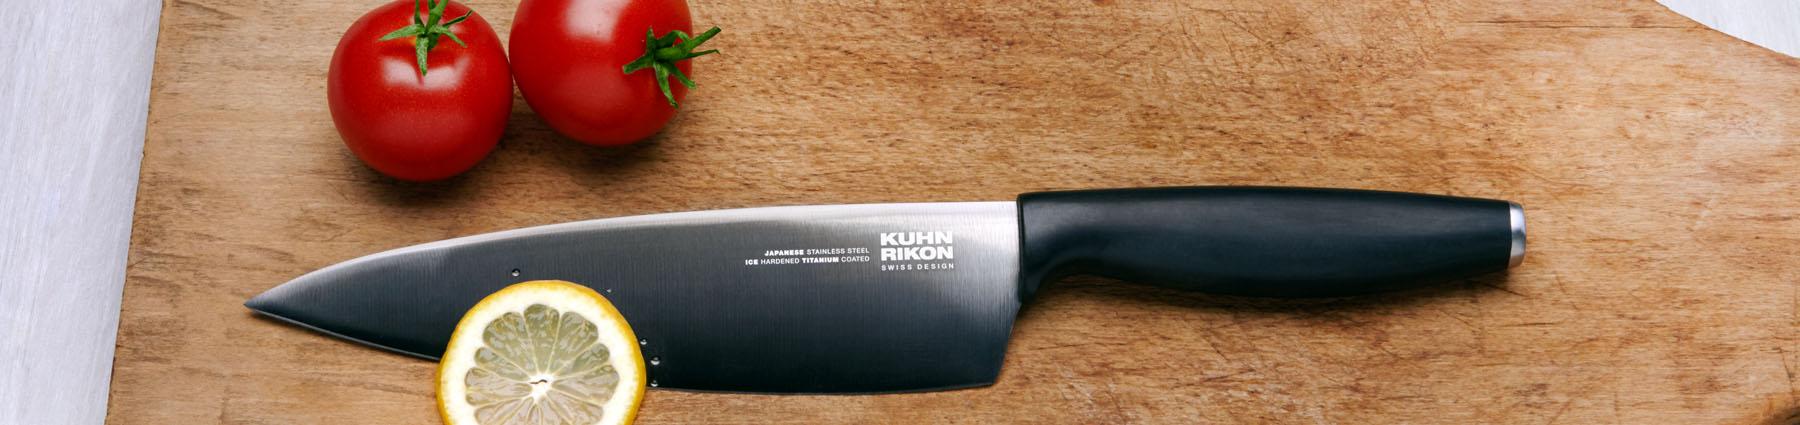 Kuhn Rikon Offers